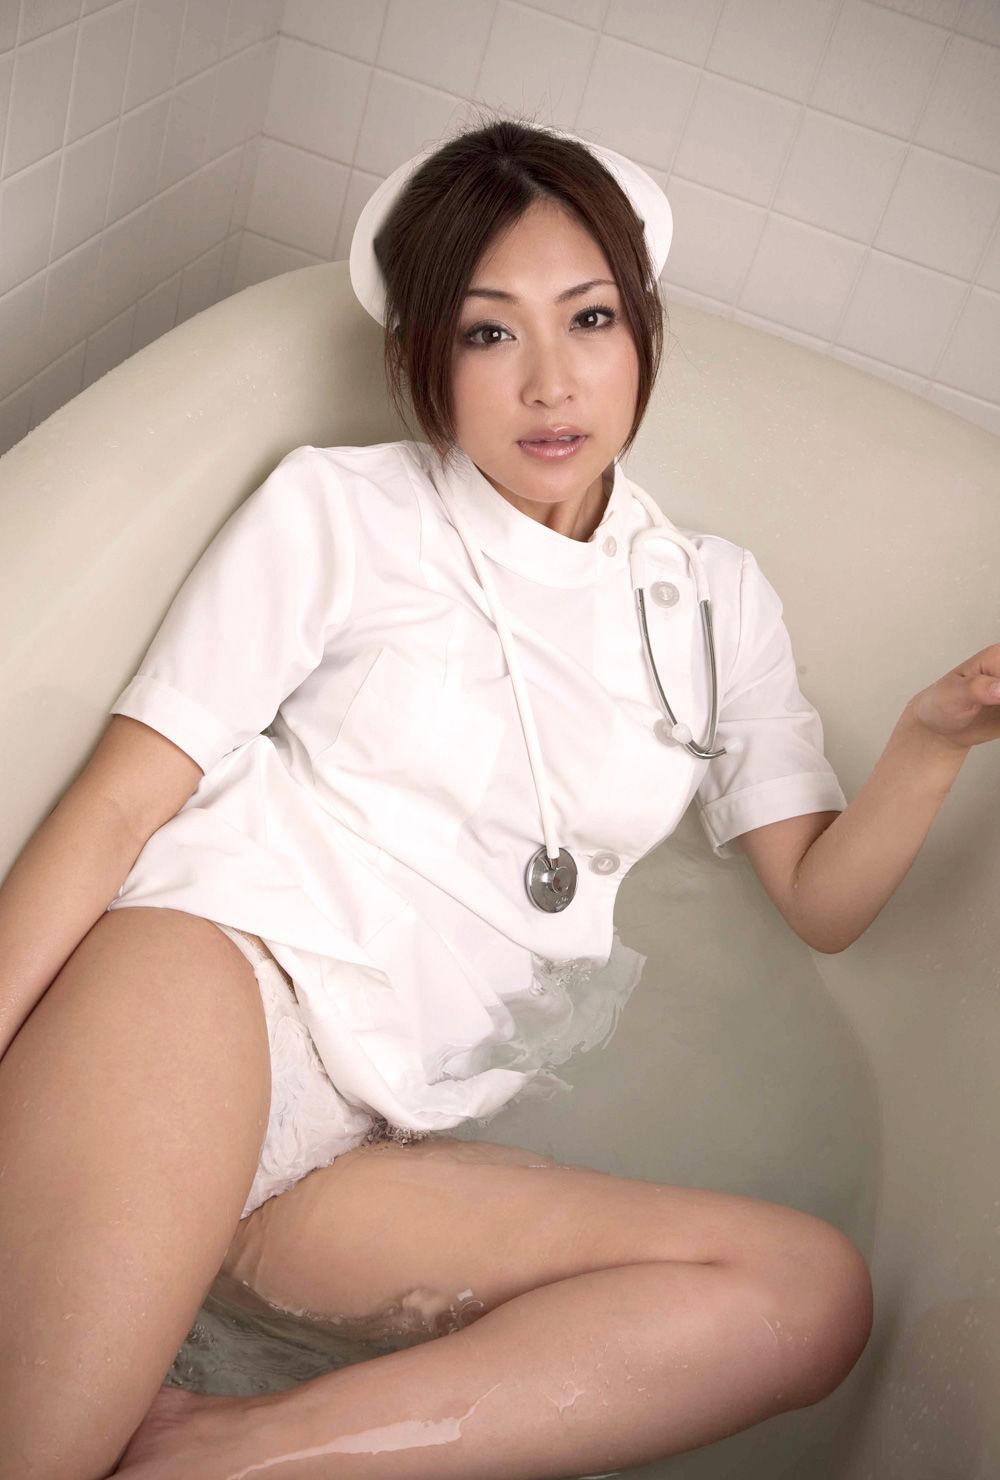 辰巳奈都子 画像 掲示板 26